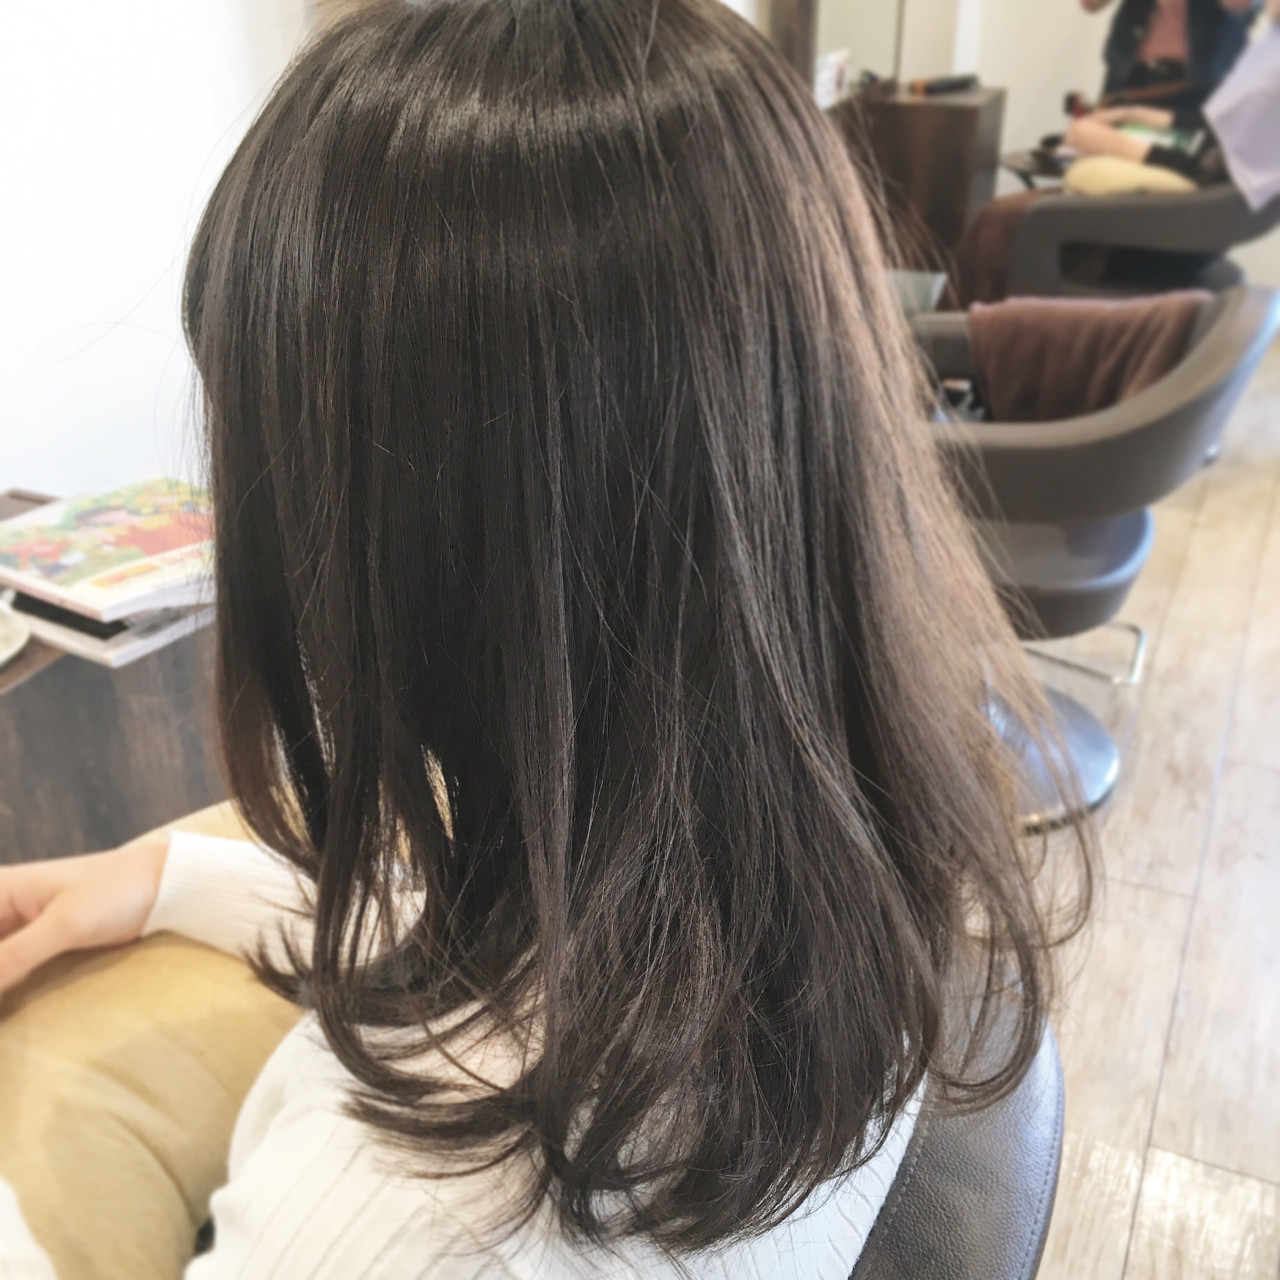 グレージュ 暗髪 外国人風カラー ミディアム ヘアスタイルや髪型の写真・画像 | 岩切陽平 / Hair&Beauty AURA